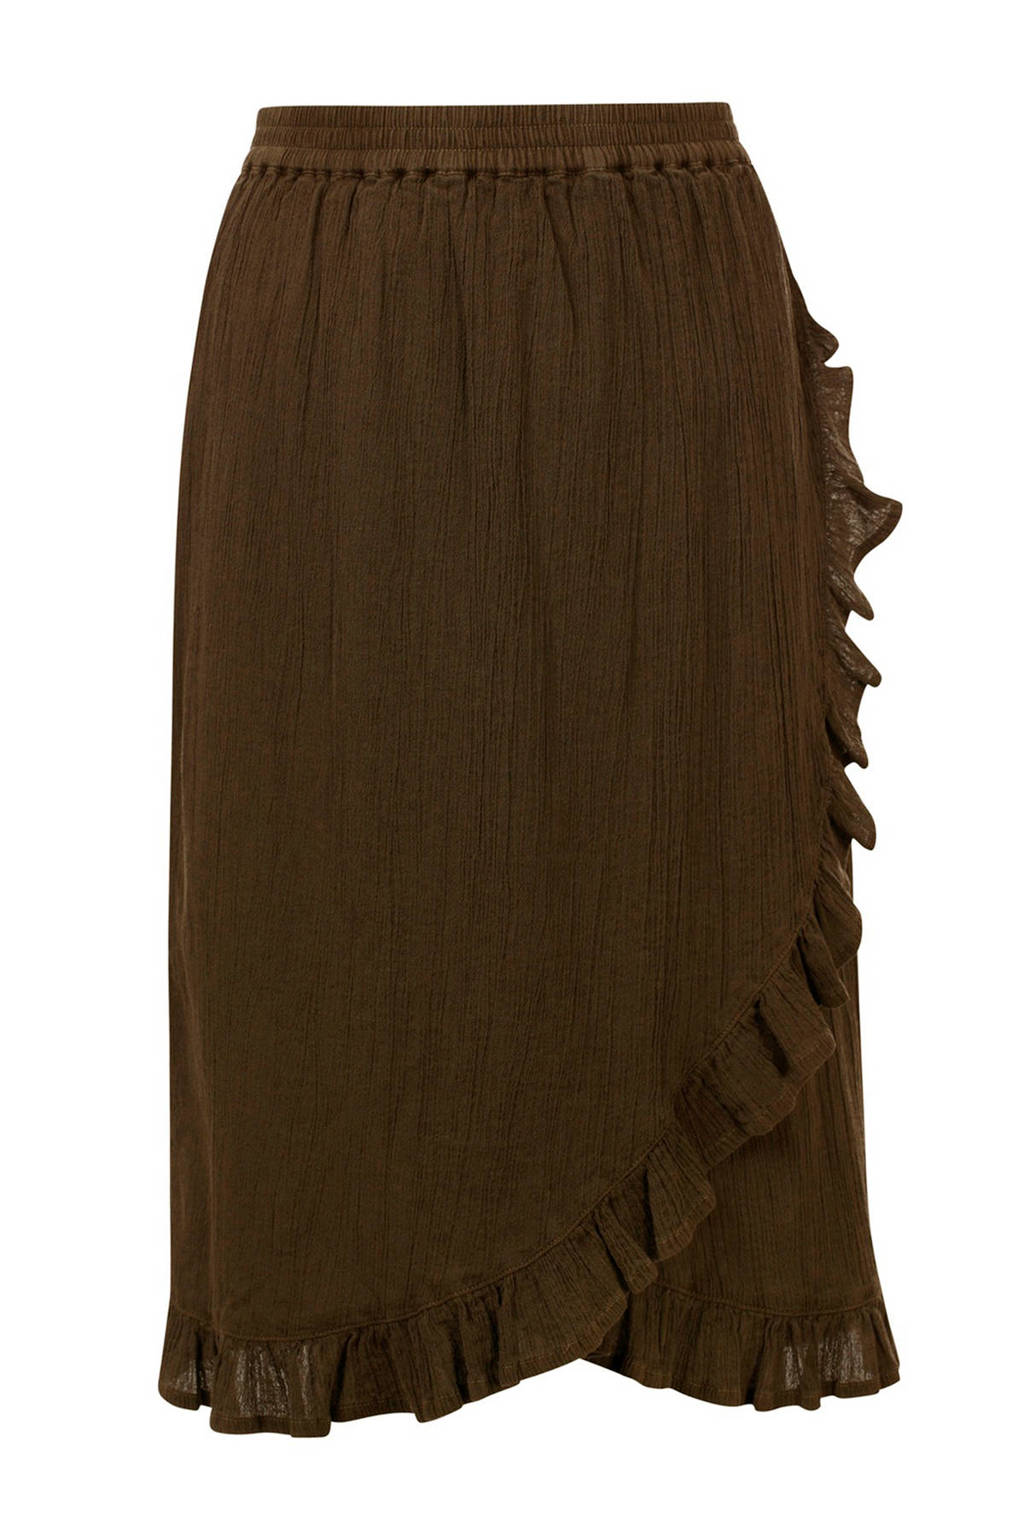 LOOXS rok met volant bruingroen, Bruingroen